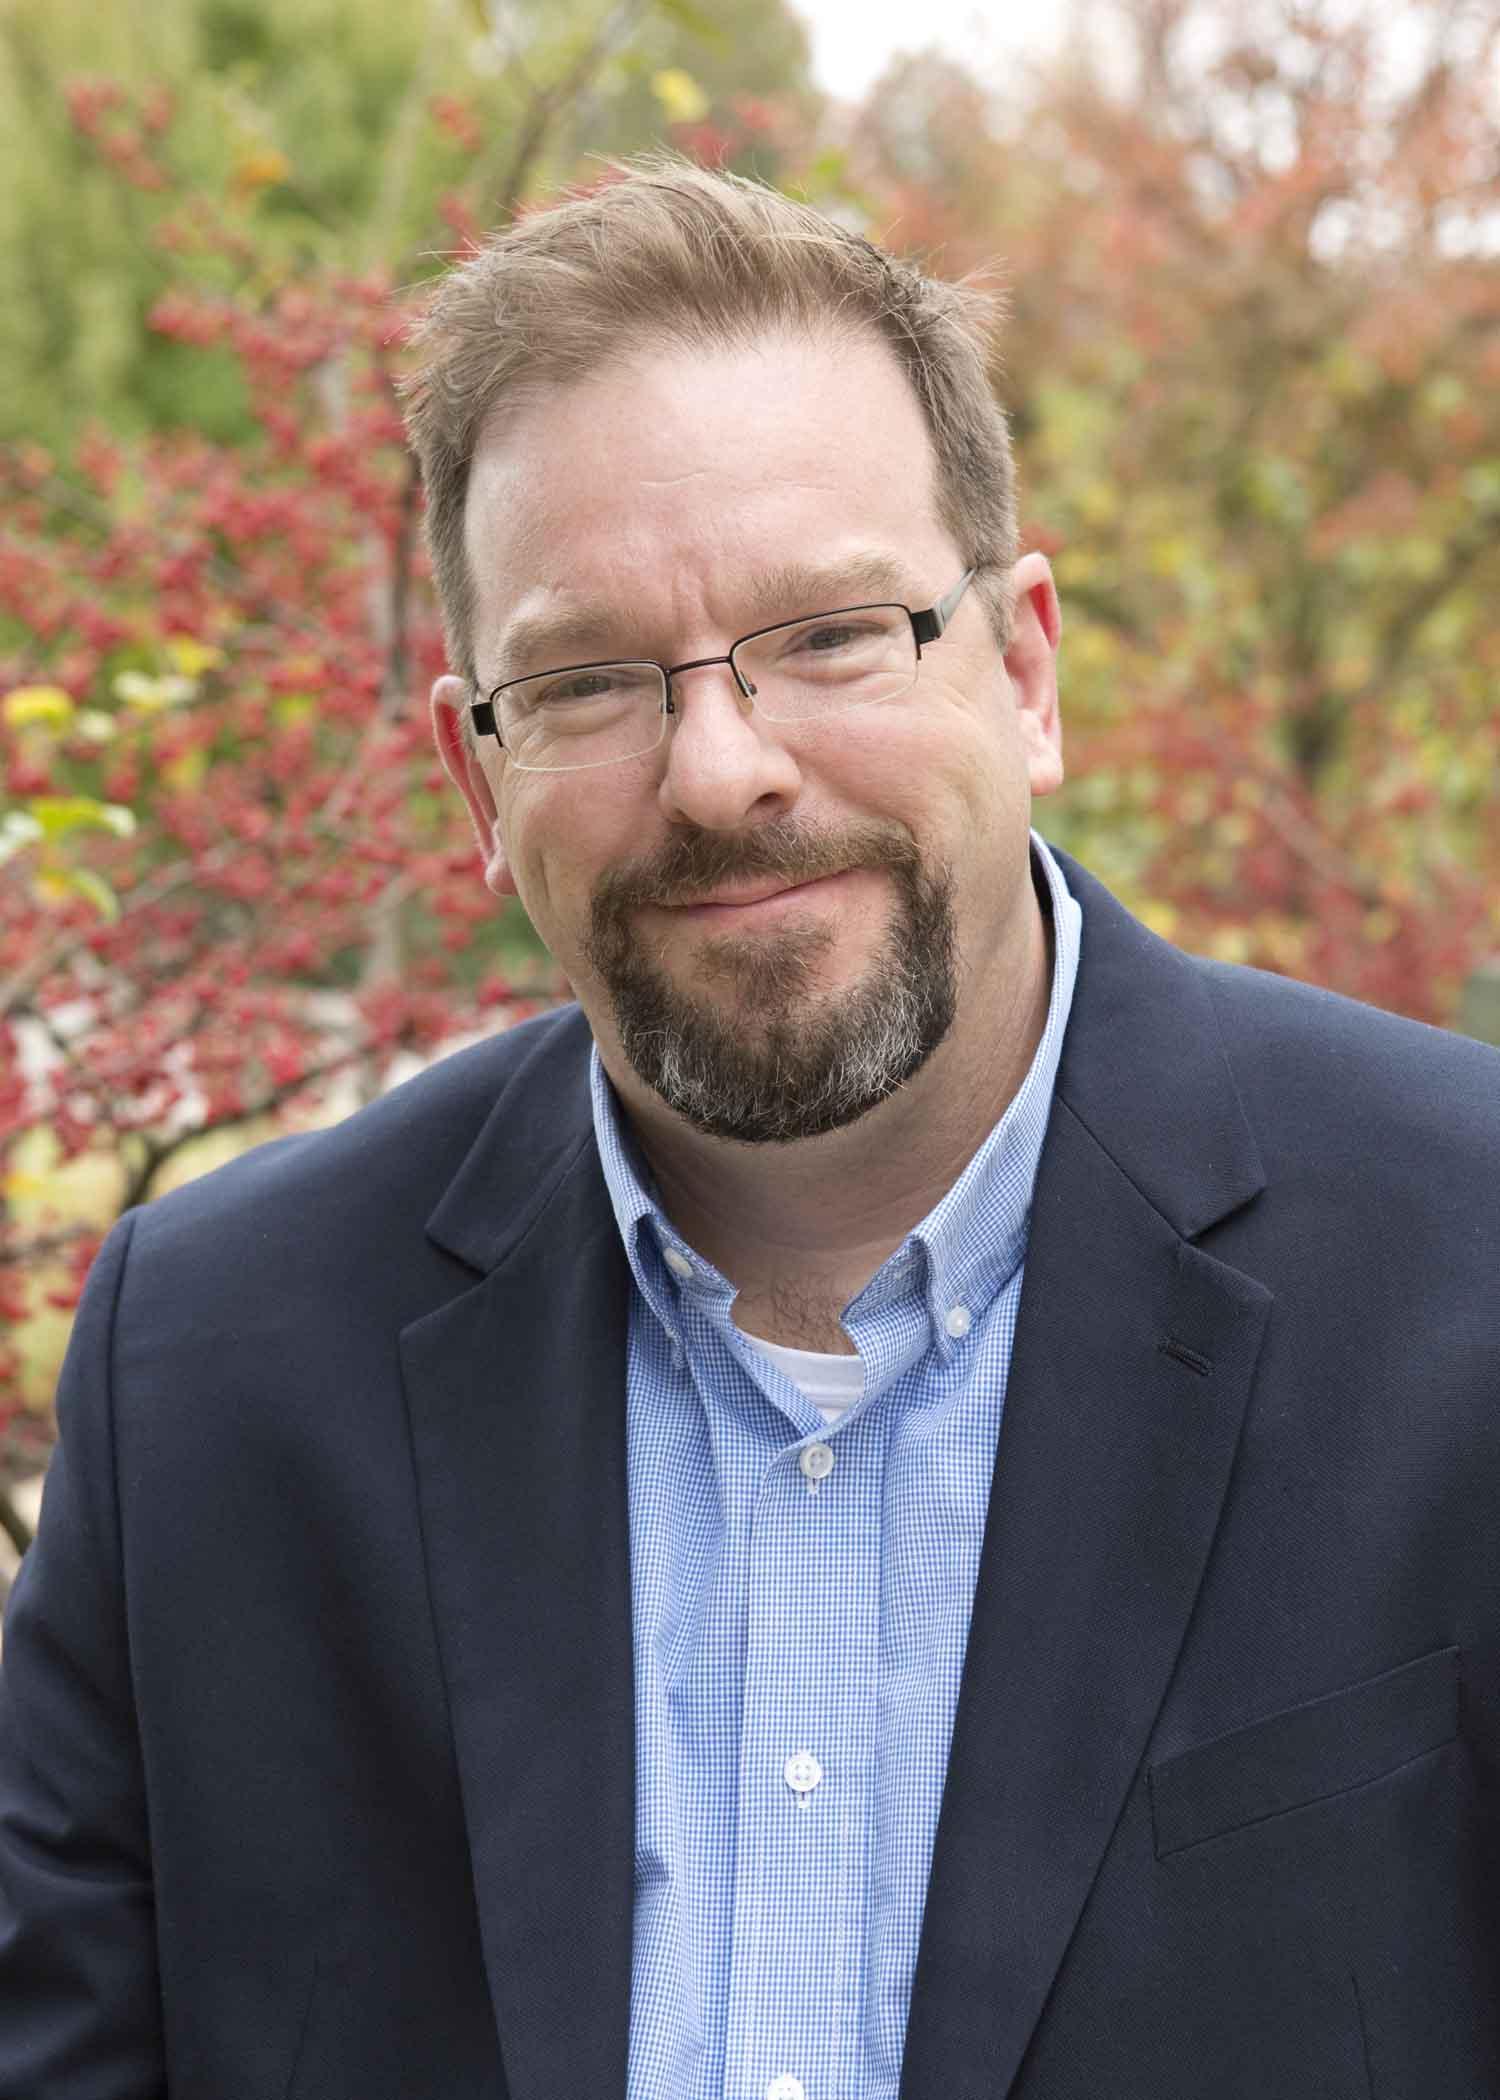 David S. Bradely